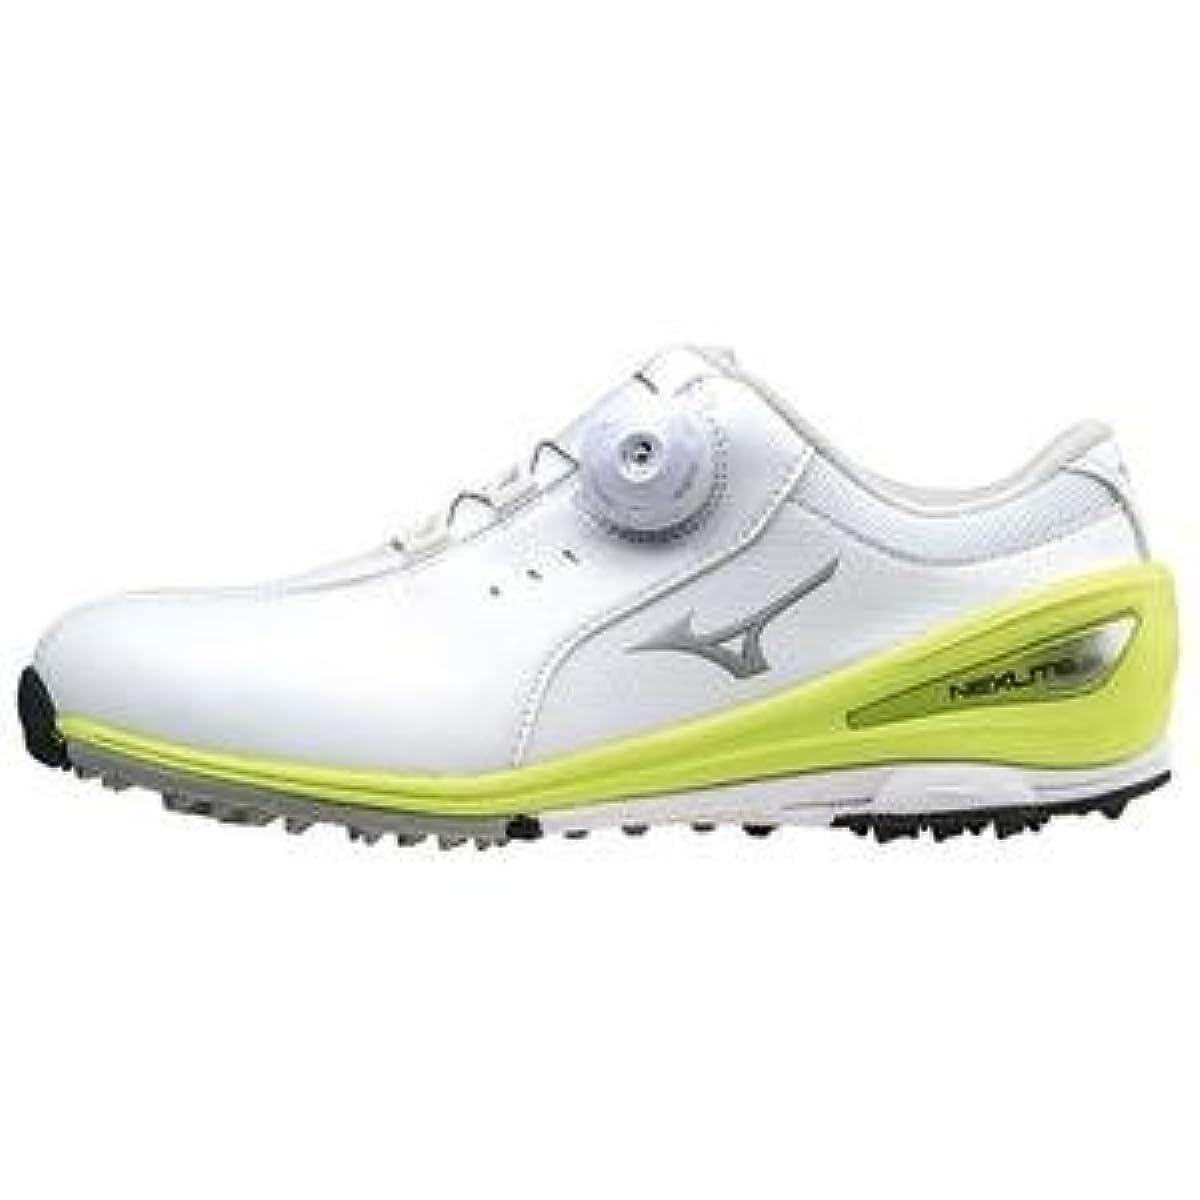 [해외] MIZUNO 미즈노 골프 스파이크 레이디스 주문 상품 사이즈:24.0cm